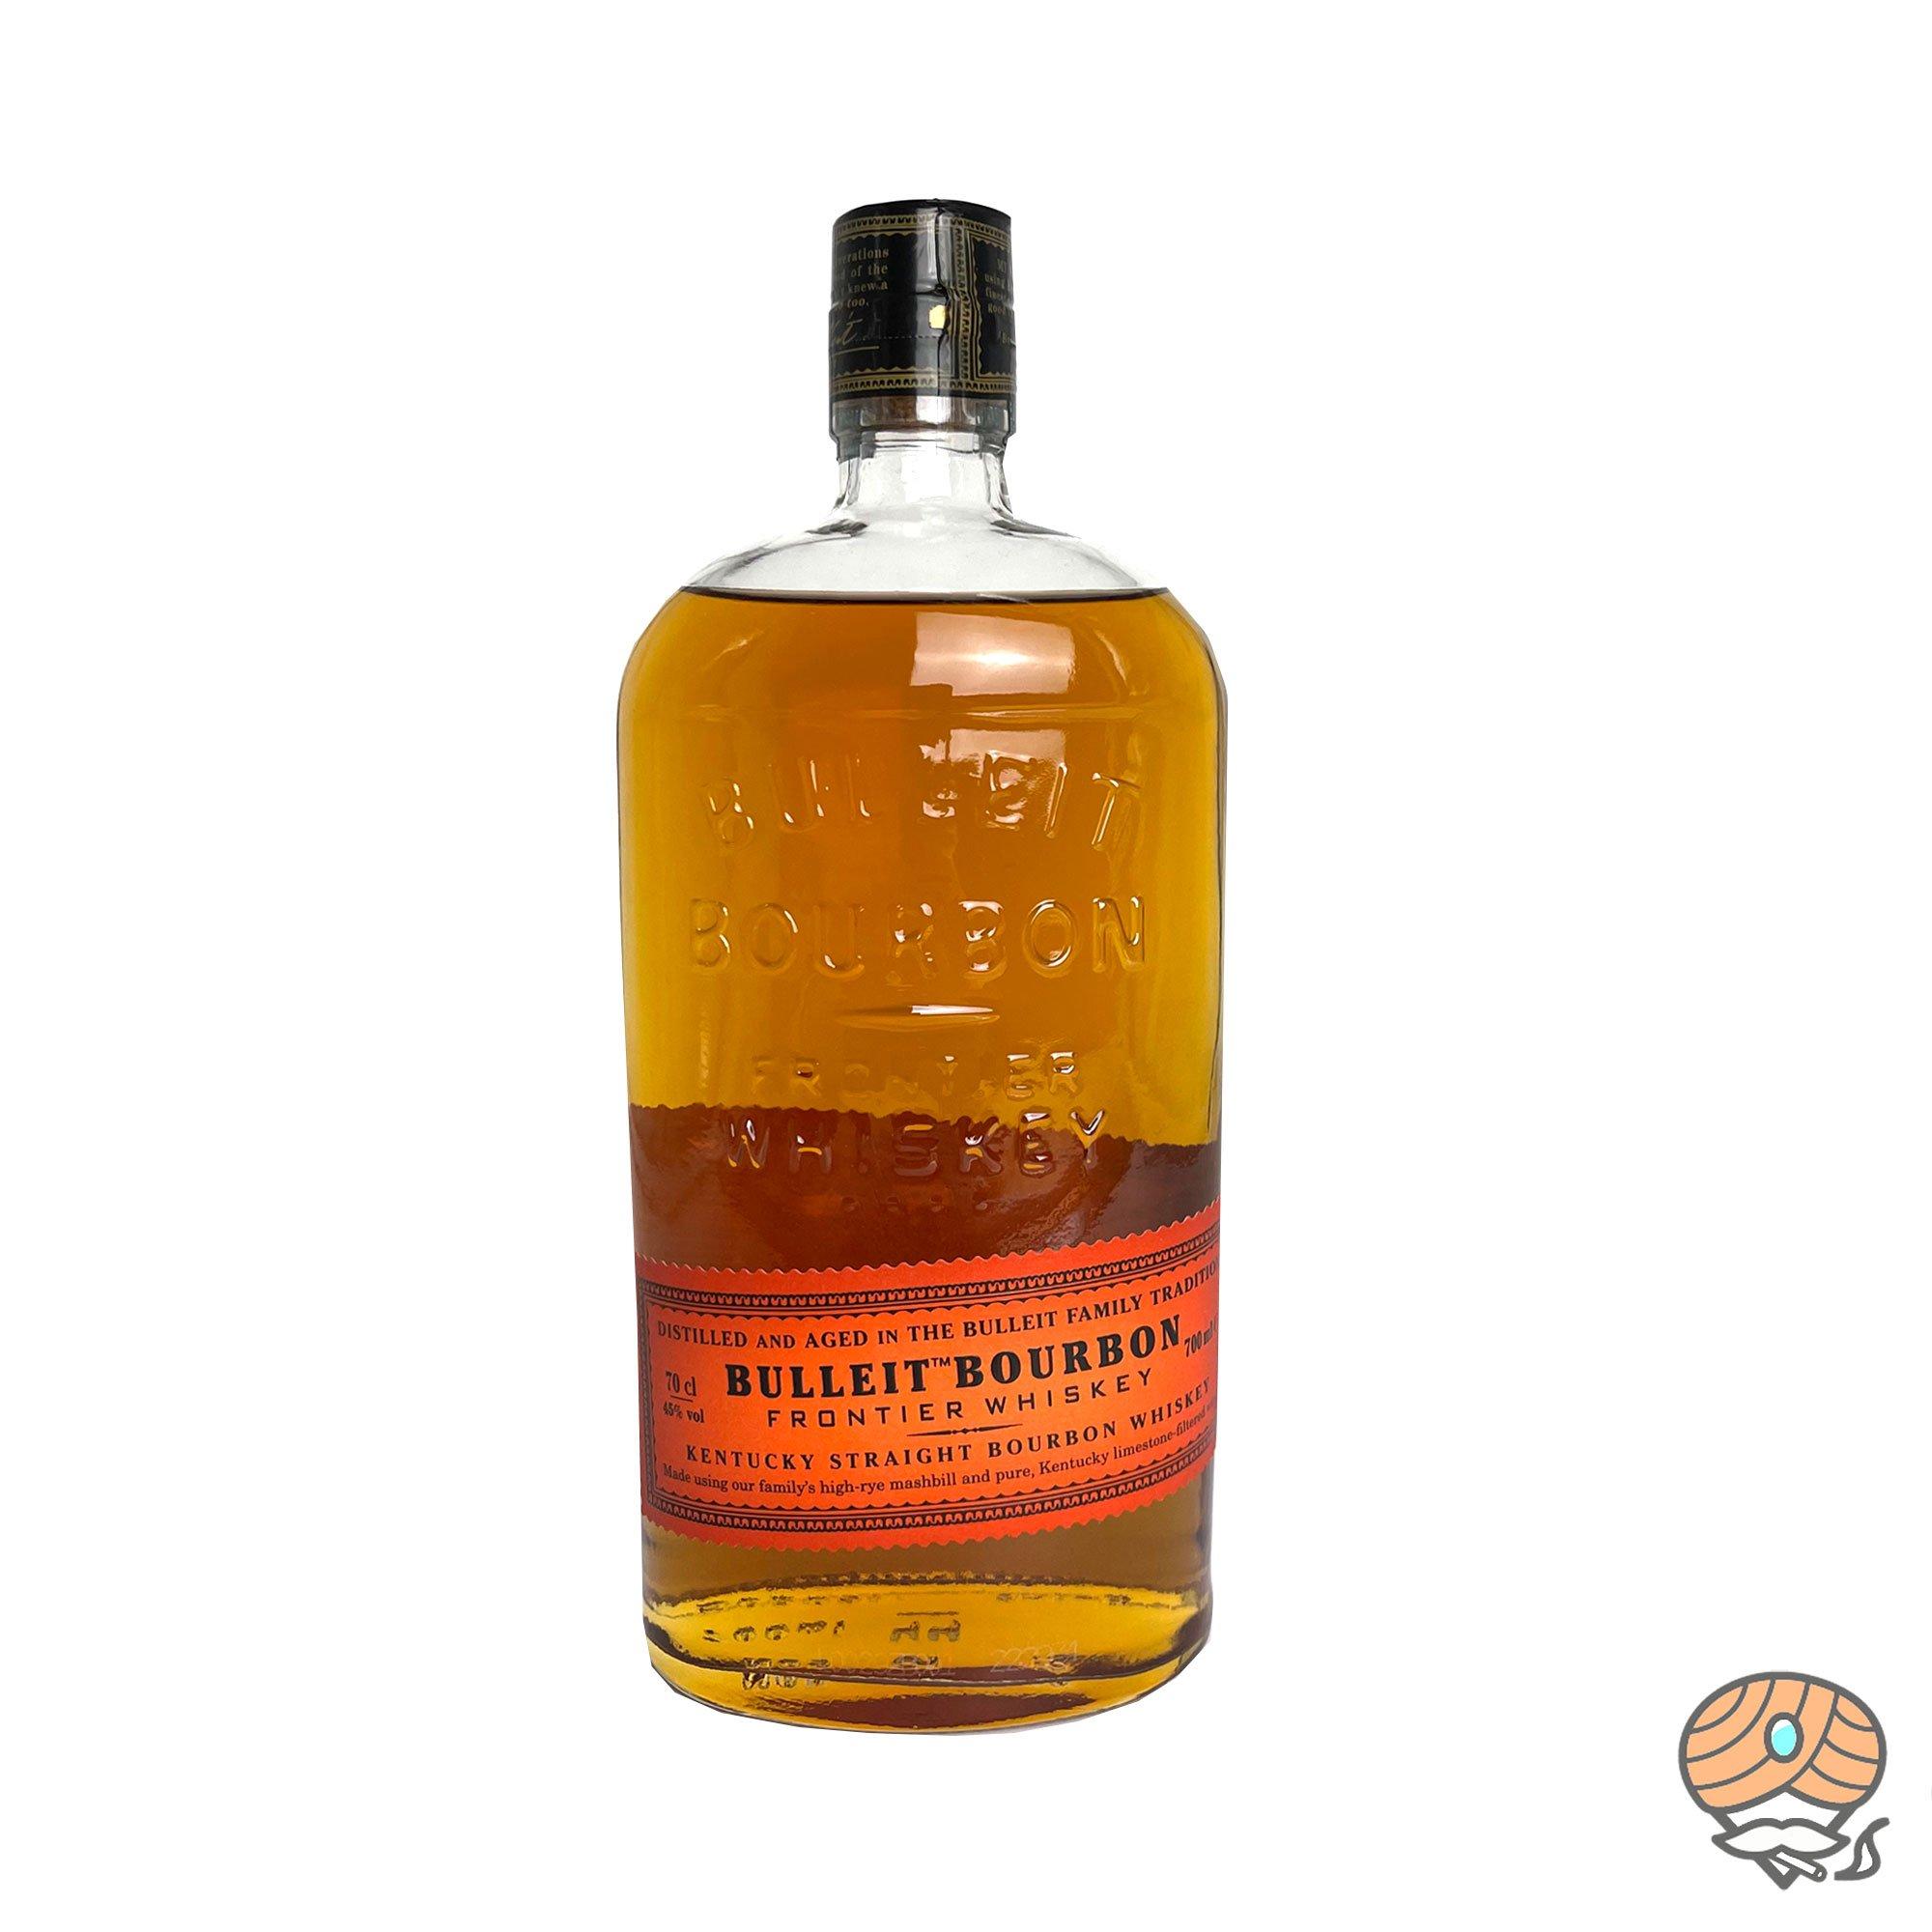 Bulleit Bourbon Whisky 0,7l, alc. 45 Vol.-%